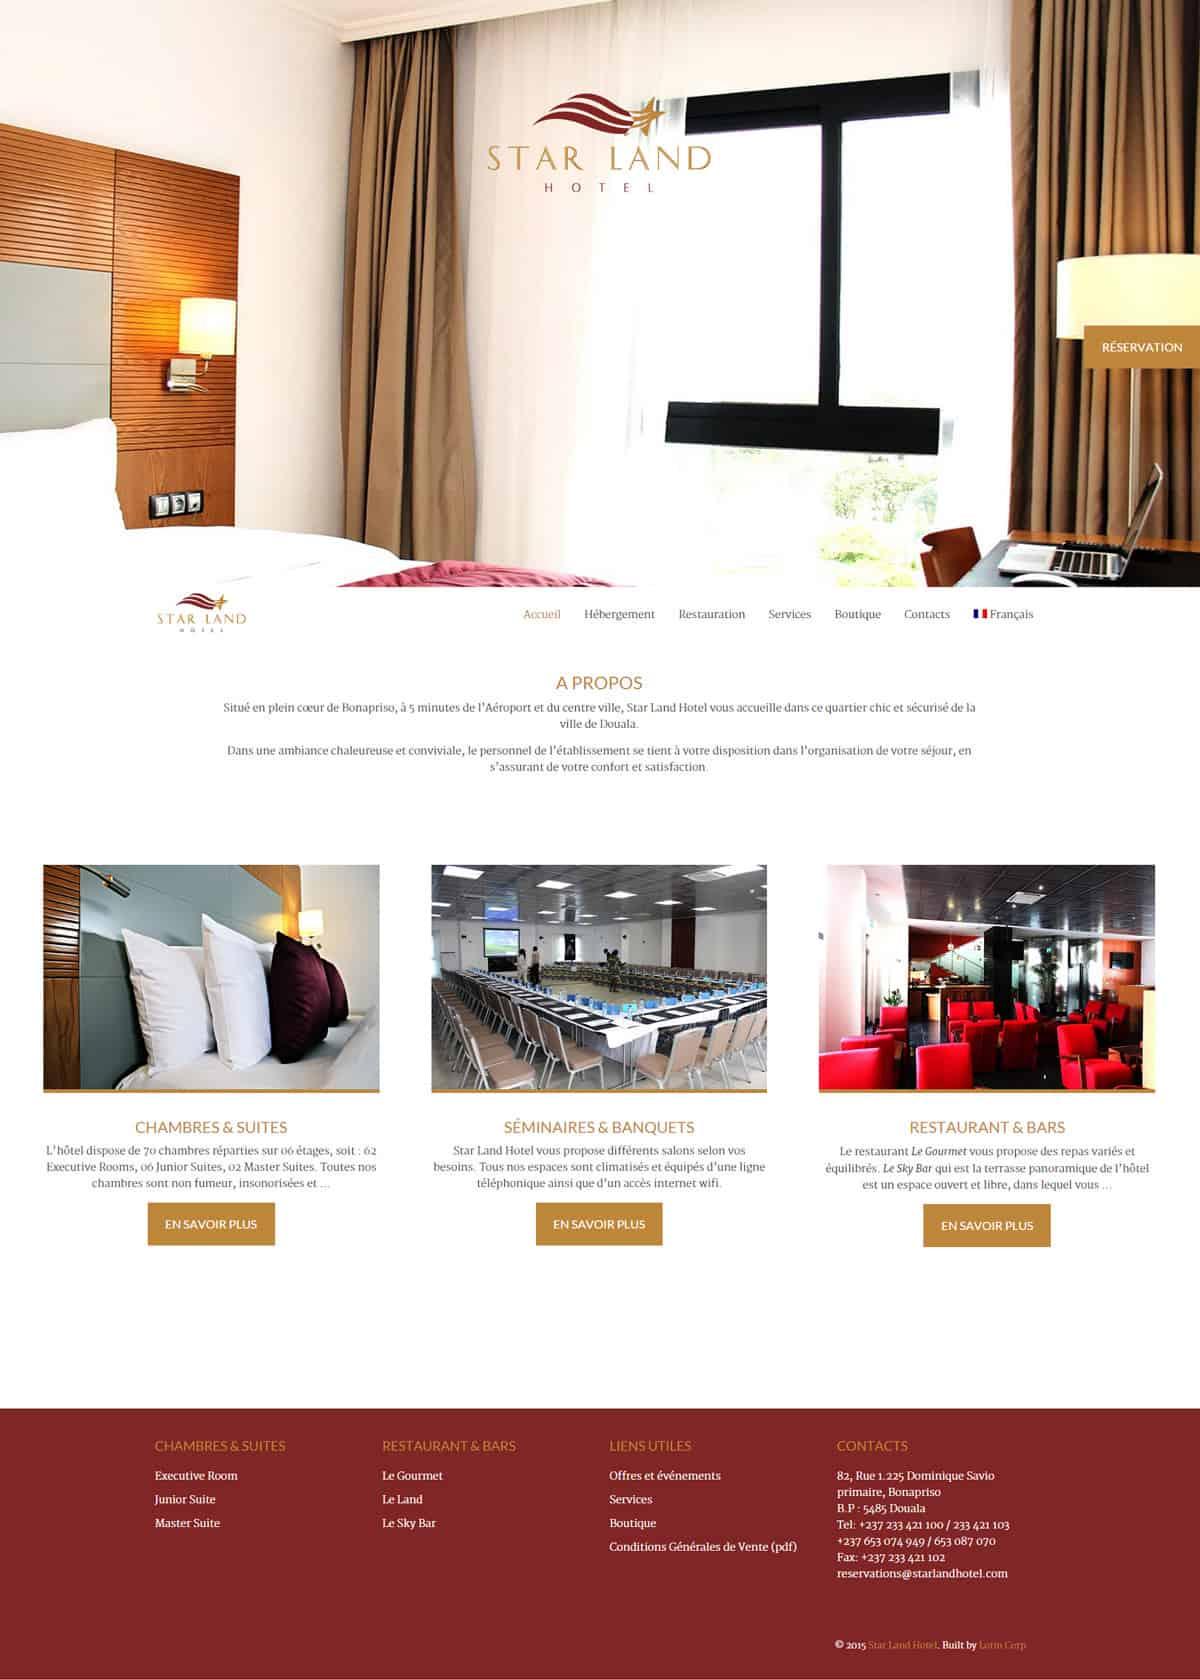 La page d'accueil propose des images plein écran pour immerger le visiteur dans l'univers de l'hôtel, avec un bouton de réservation ostensible.